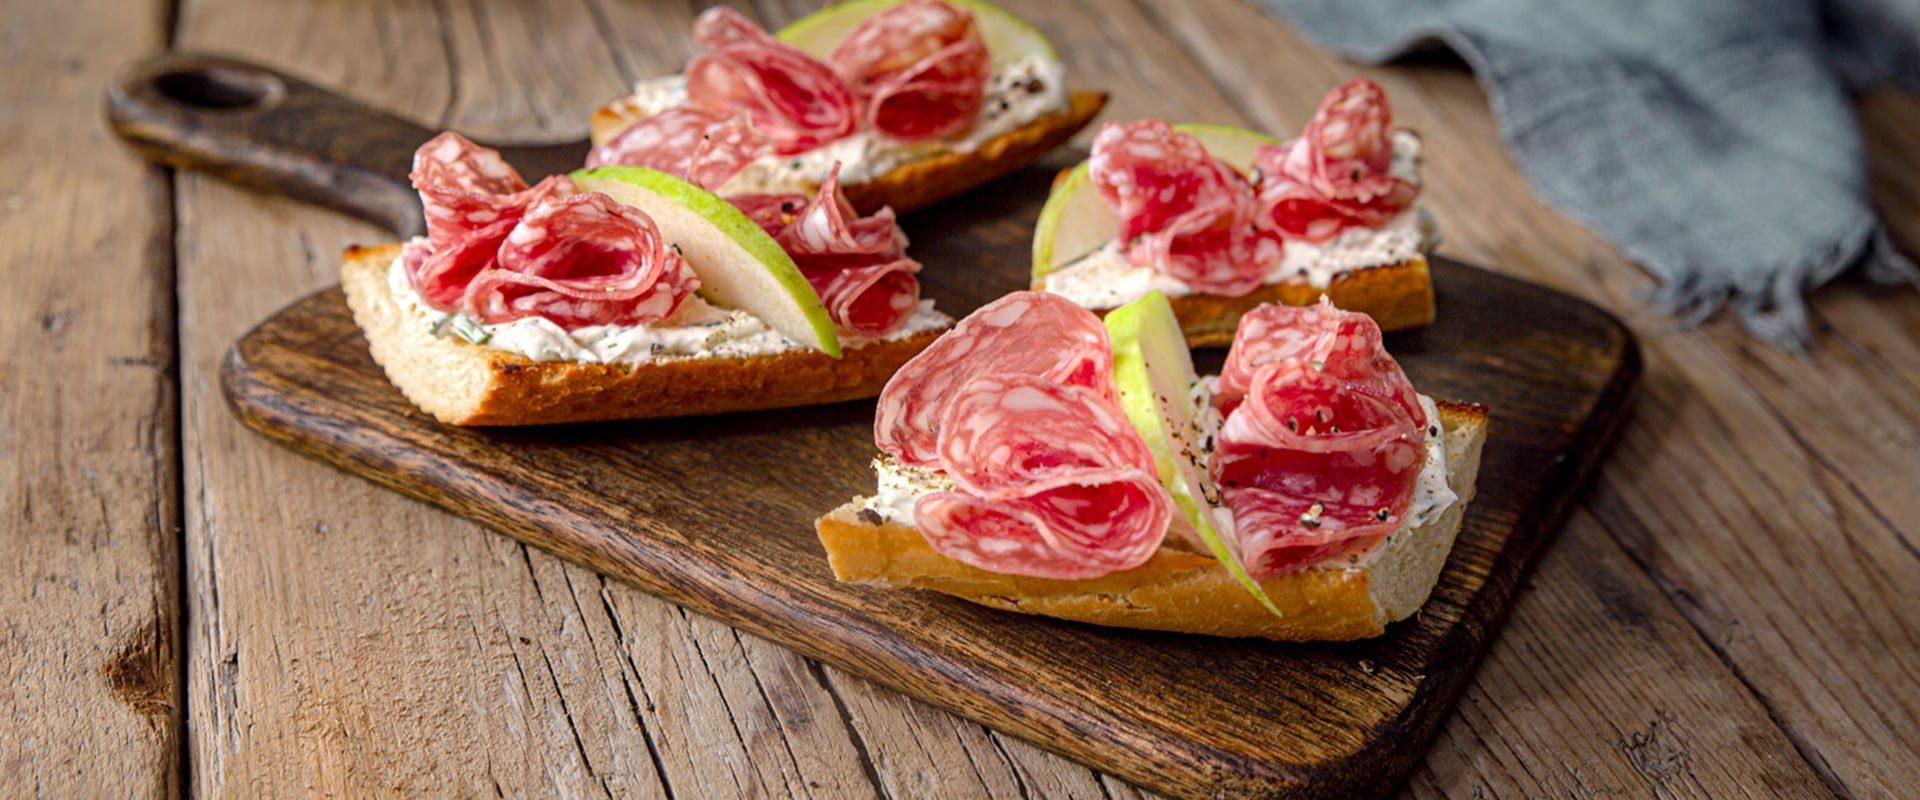 Tagliere di legno con fette di pane condite con salame